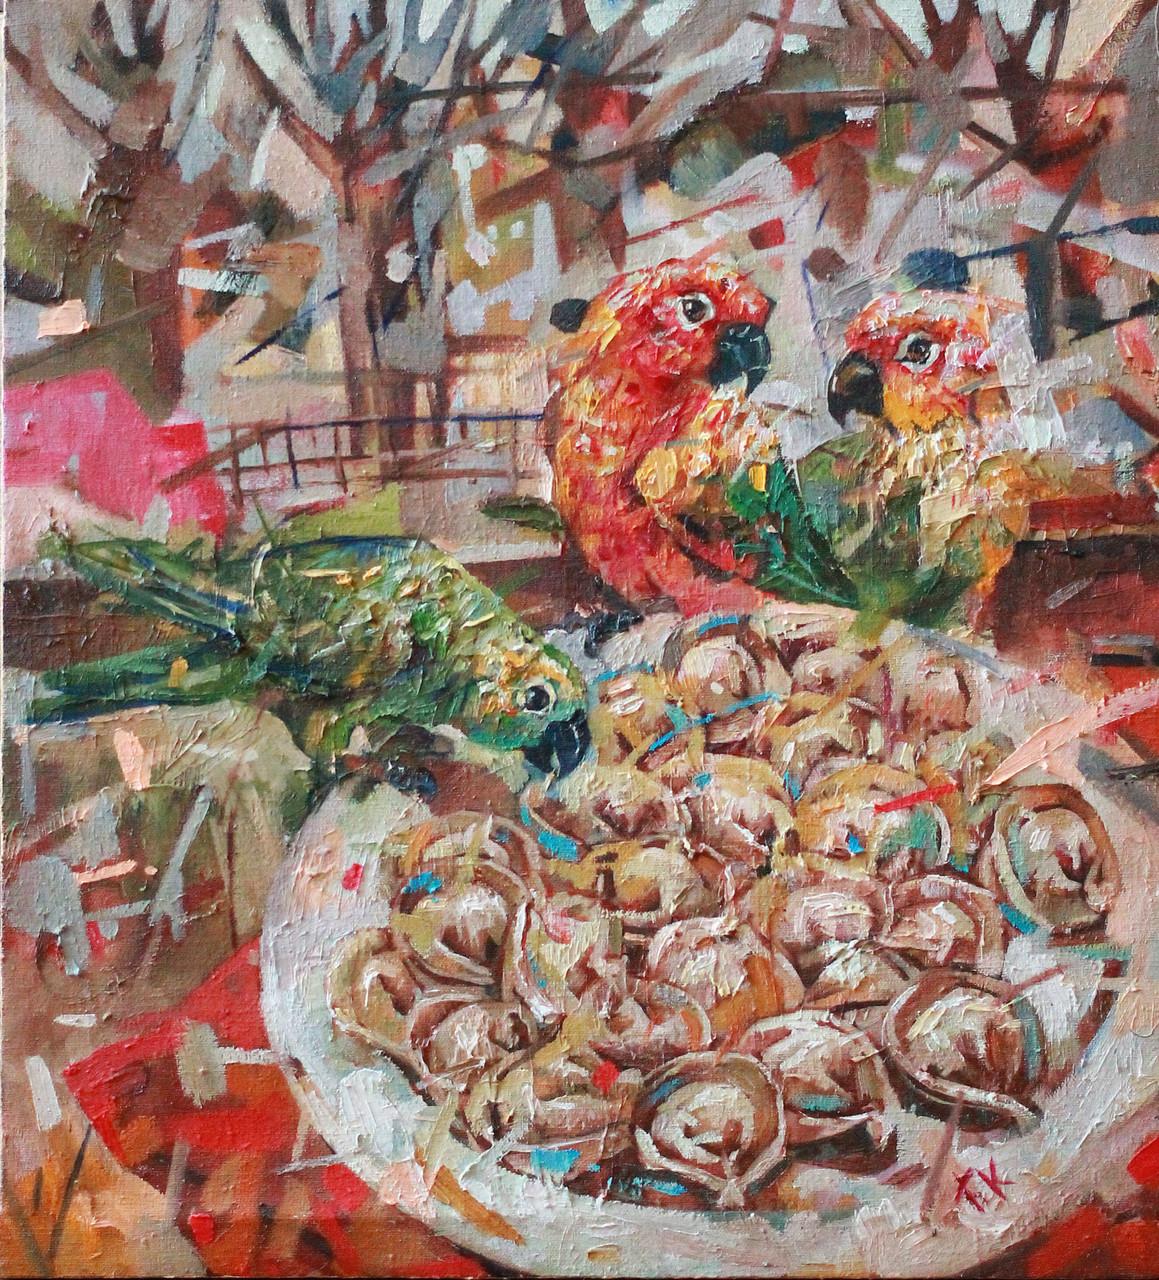 Кирилл Бородин.         Уральские пельмени.        2014 г.     Холст, масло. 81х55 см.